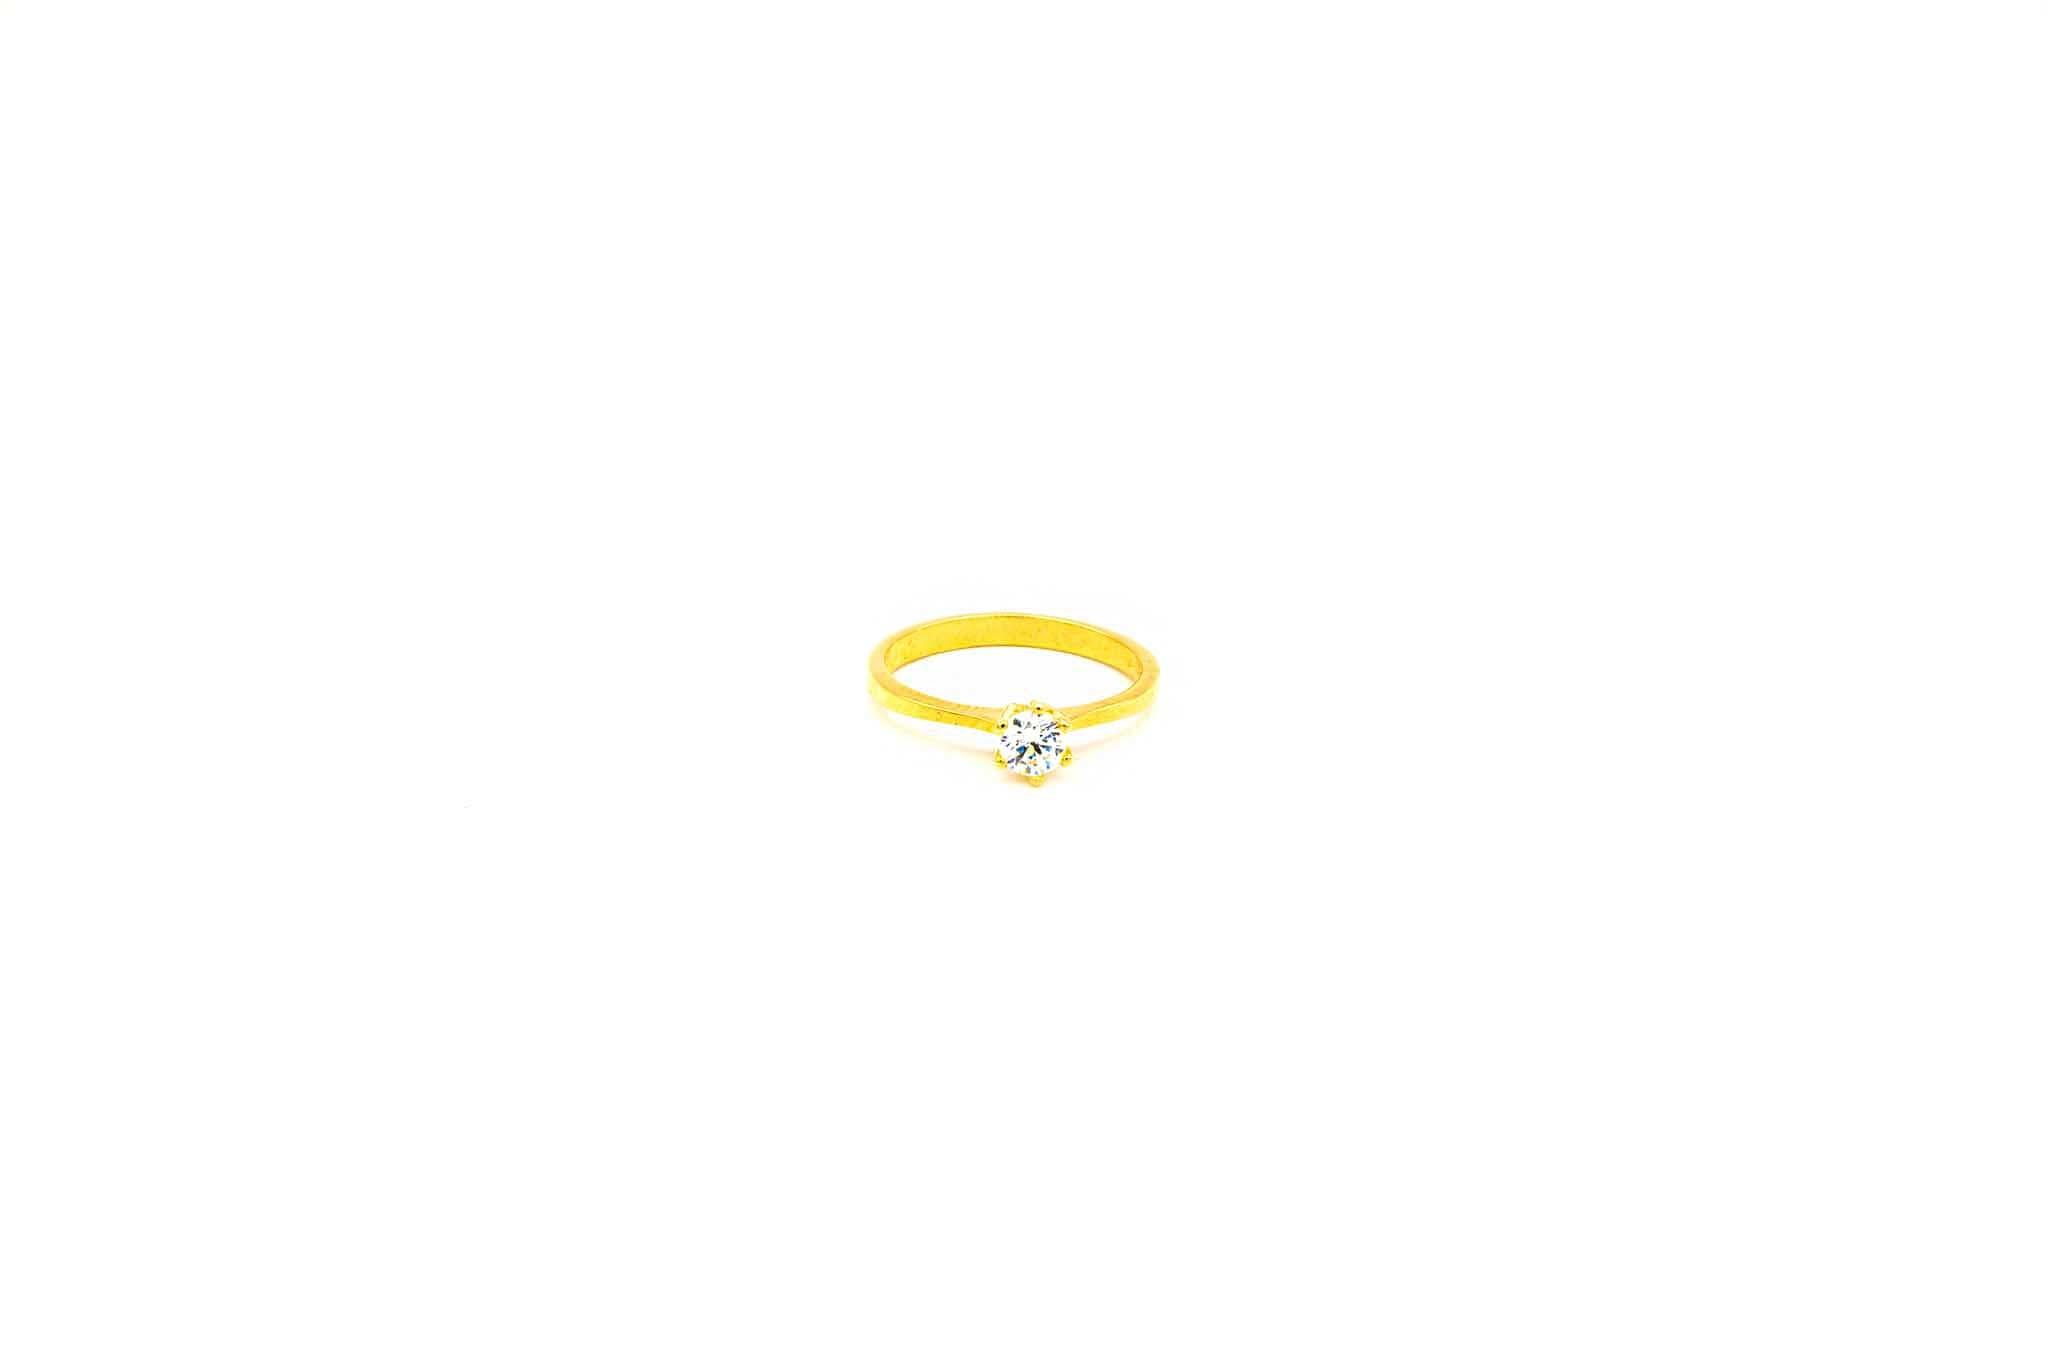 Ring solitair-1